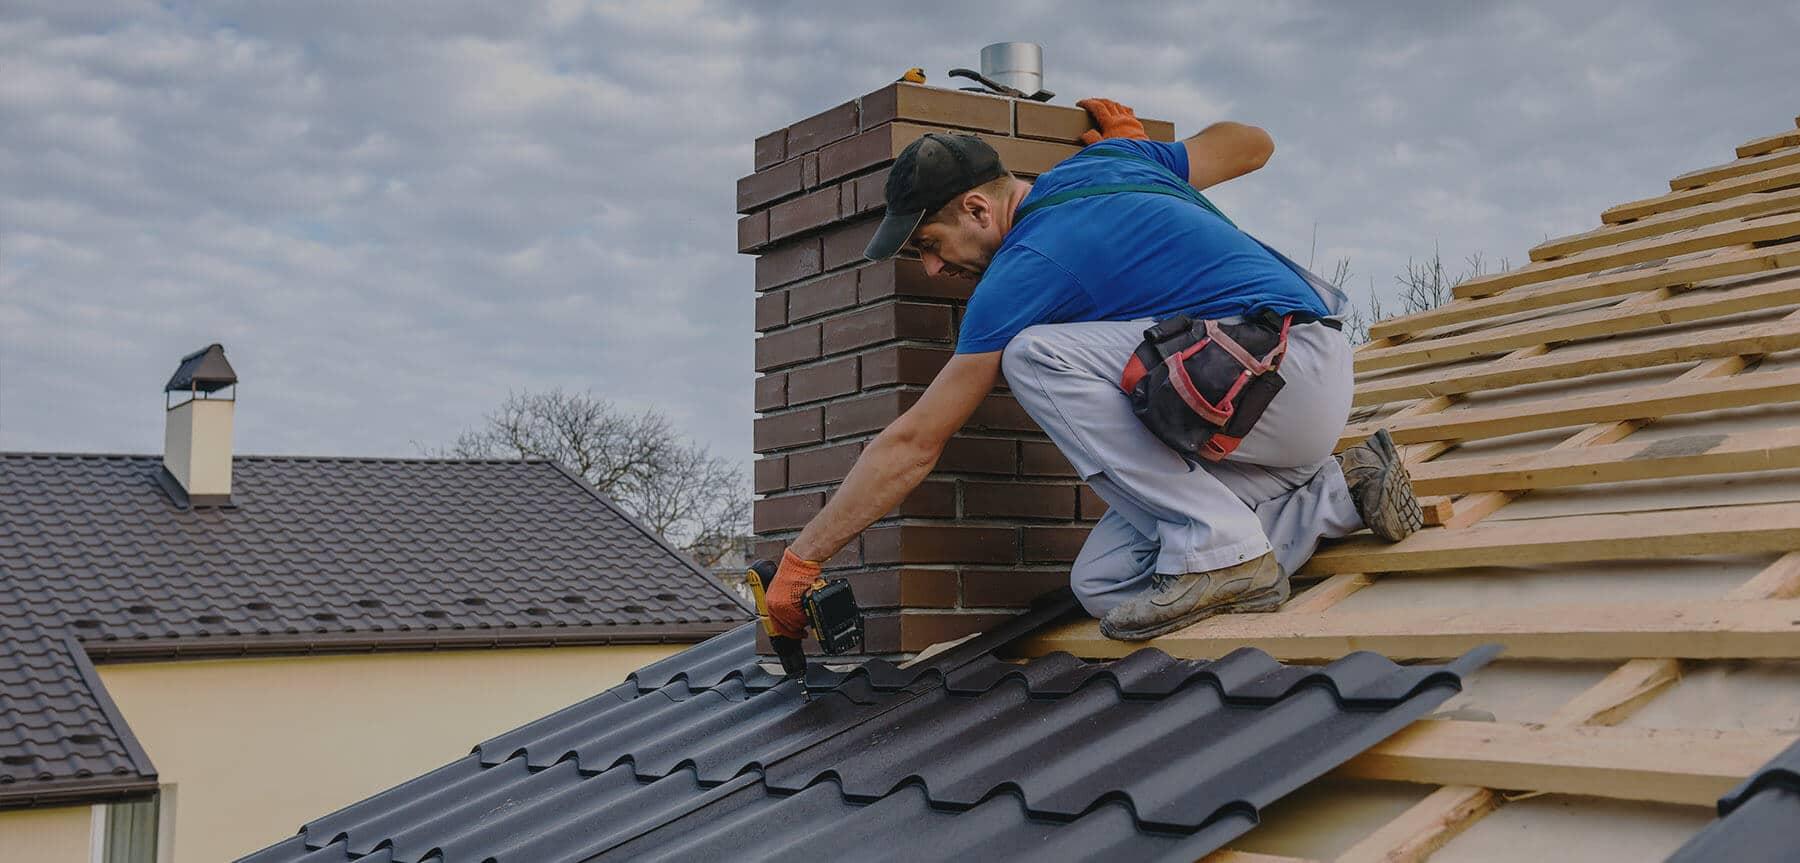 Padon | Sklep z pokryciami dachowymi Wadowice, Małopolska